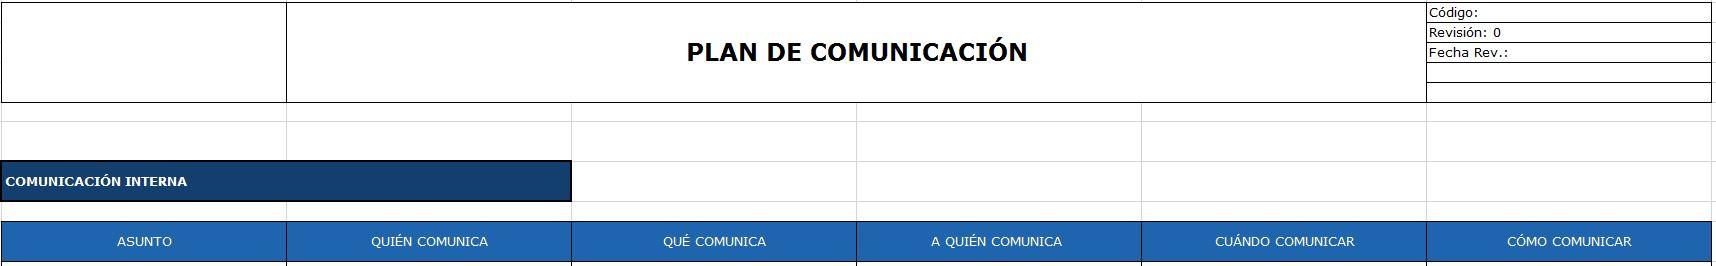 ejemplo plan de comunicacion